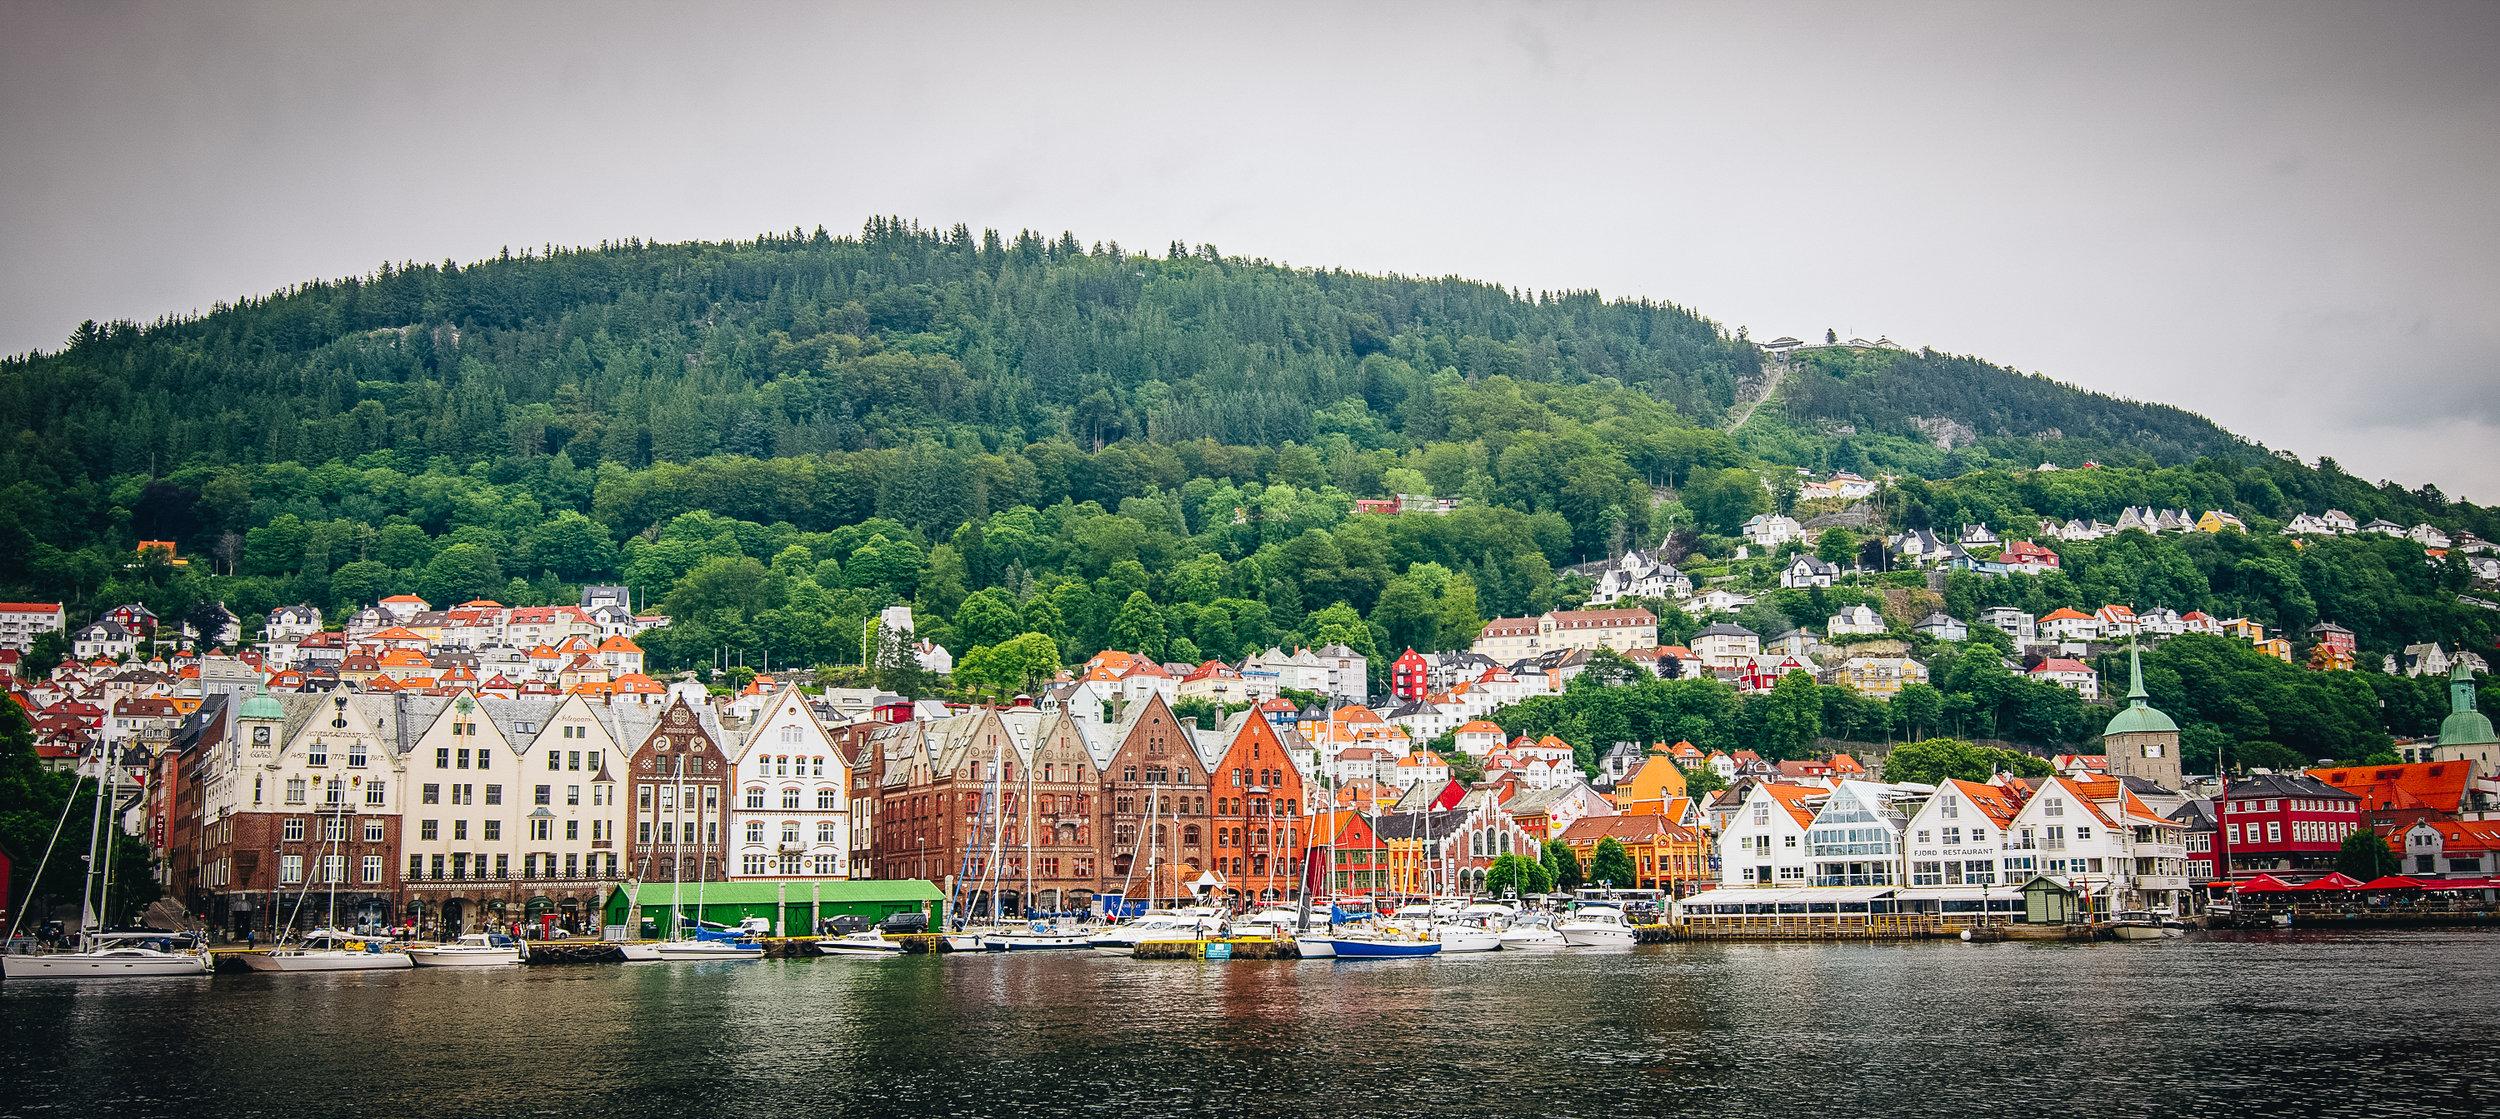 Bergen's seaside.